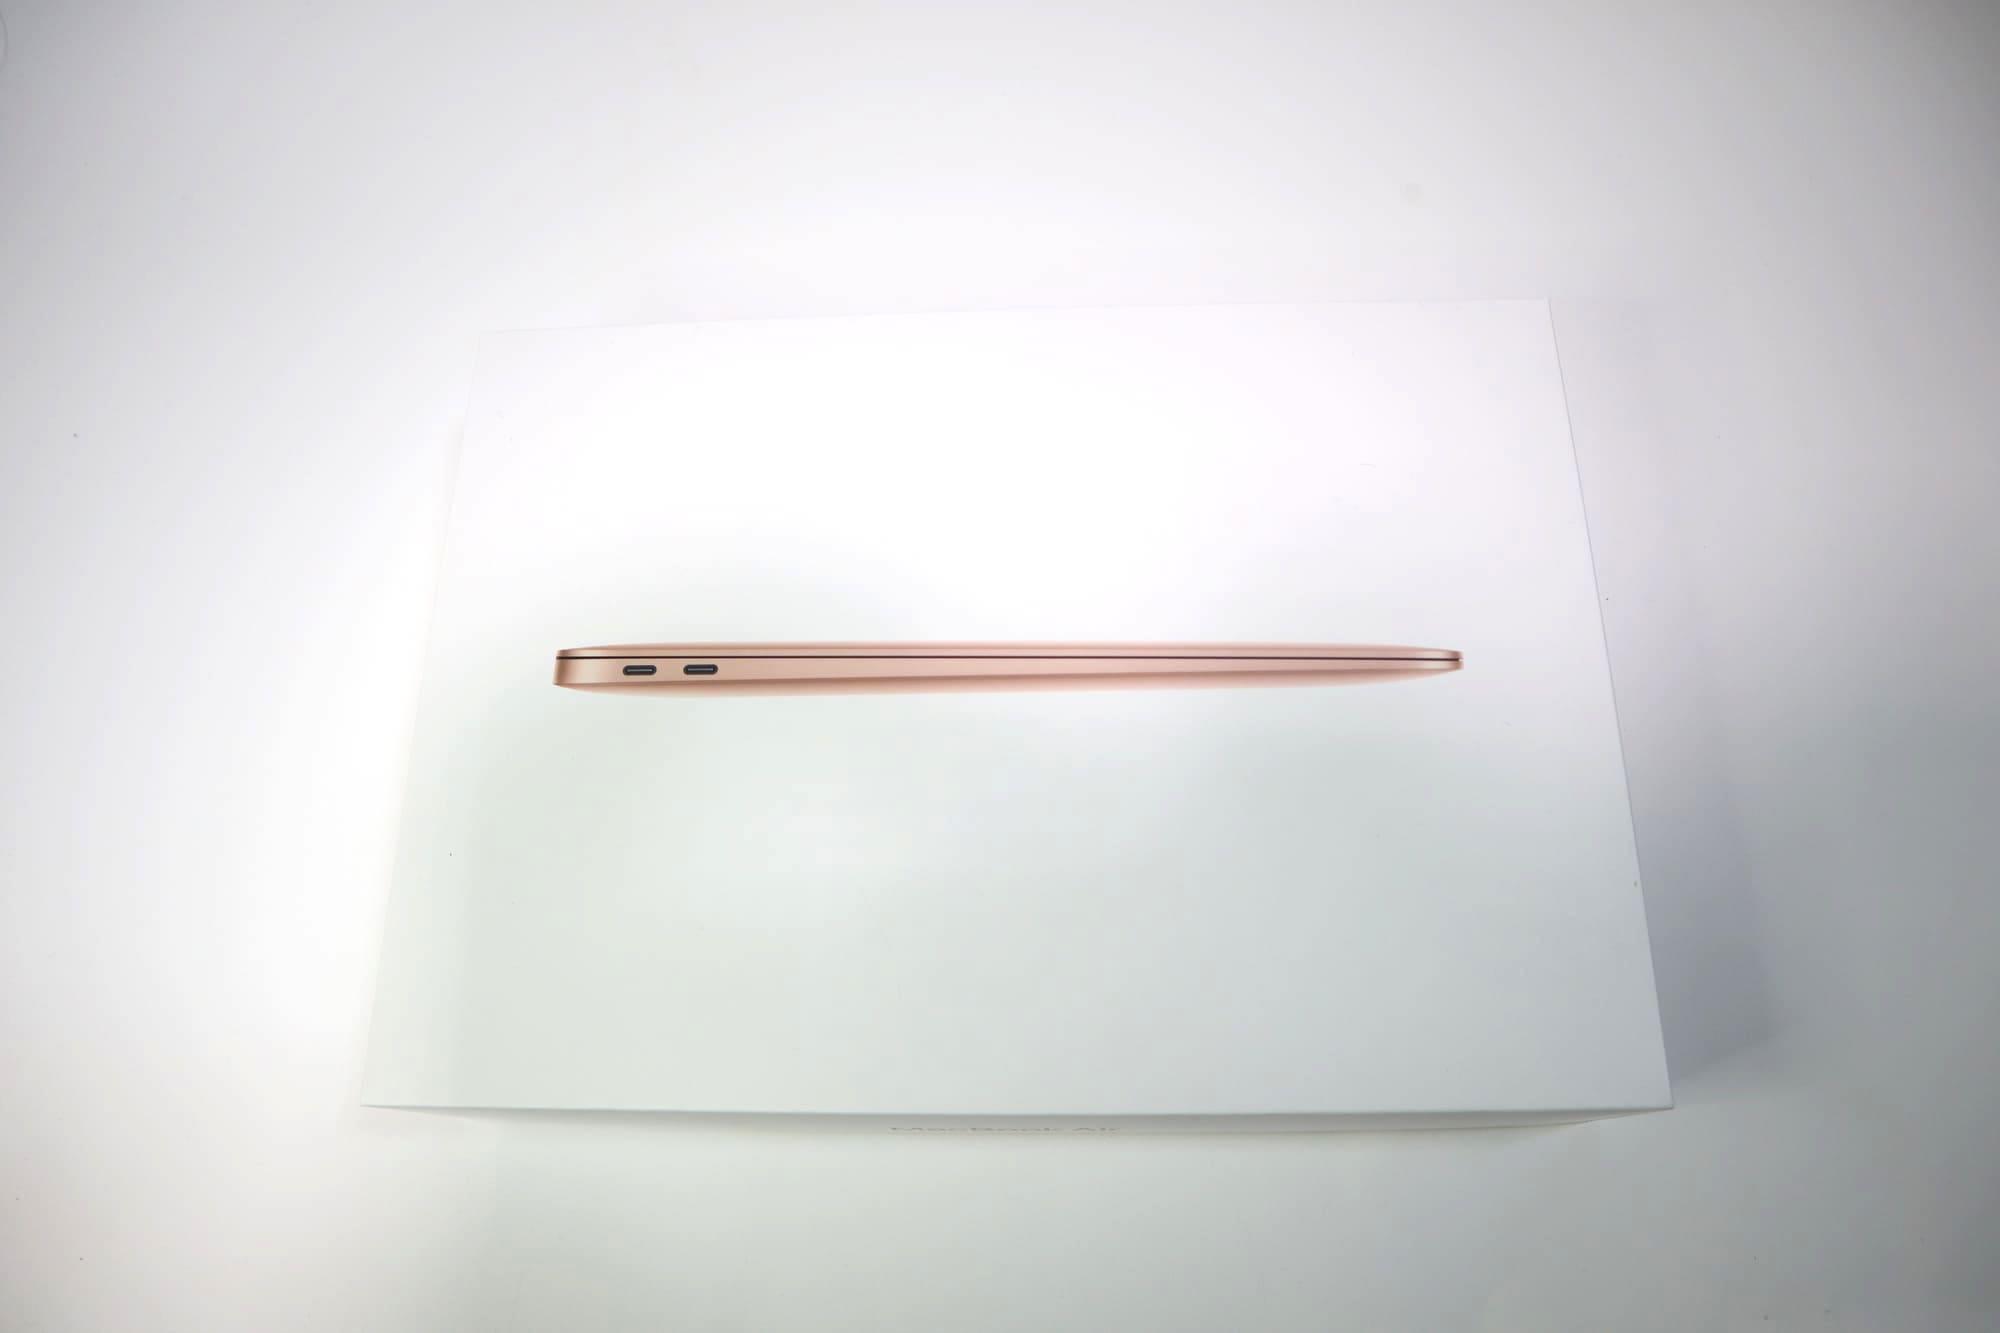 MacBook Air 2020の外箱